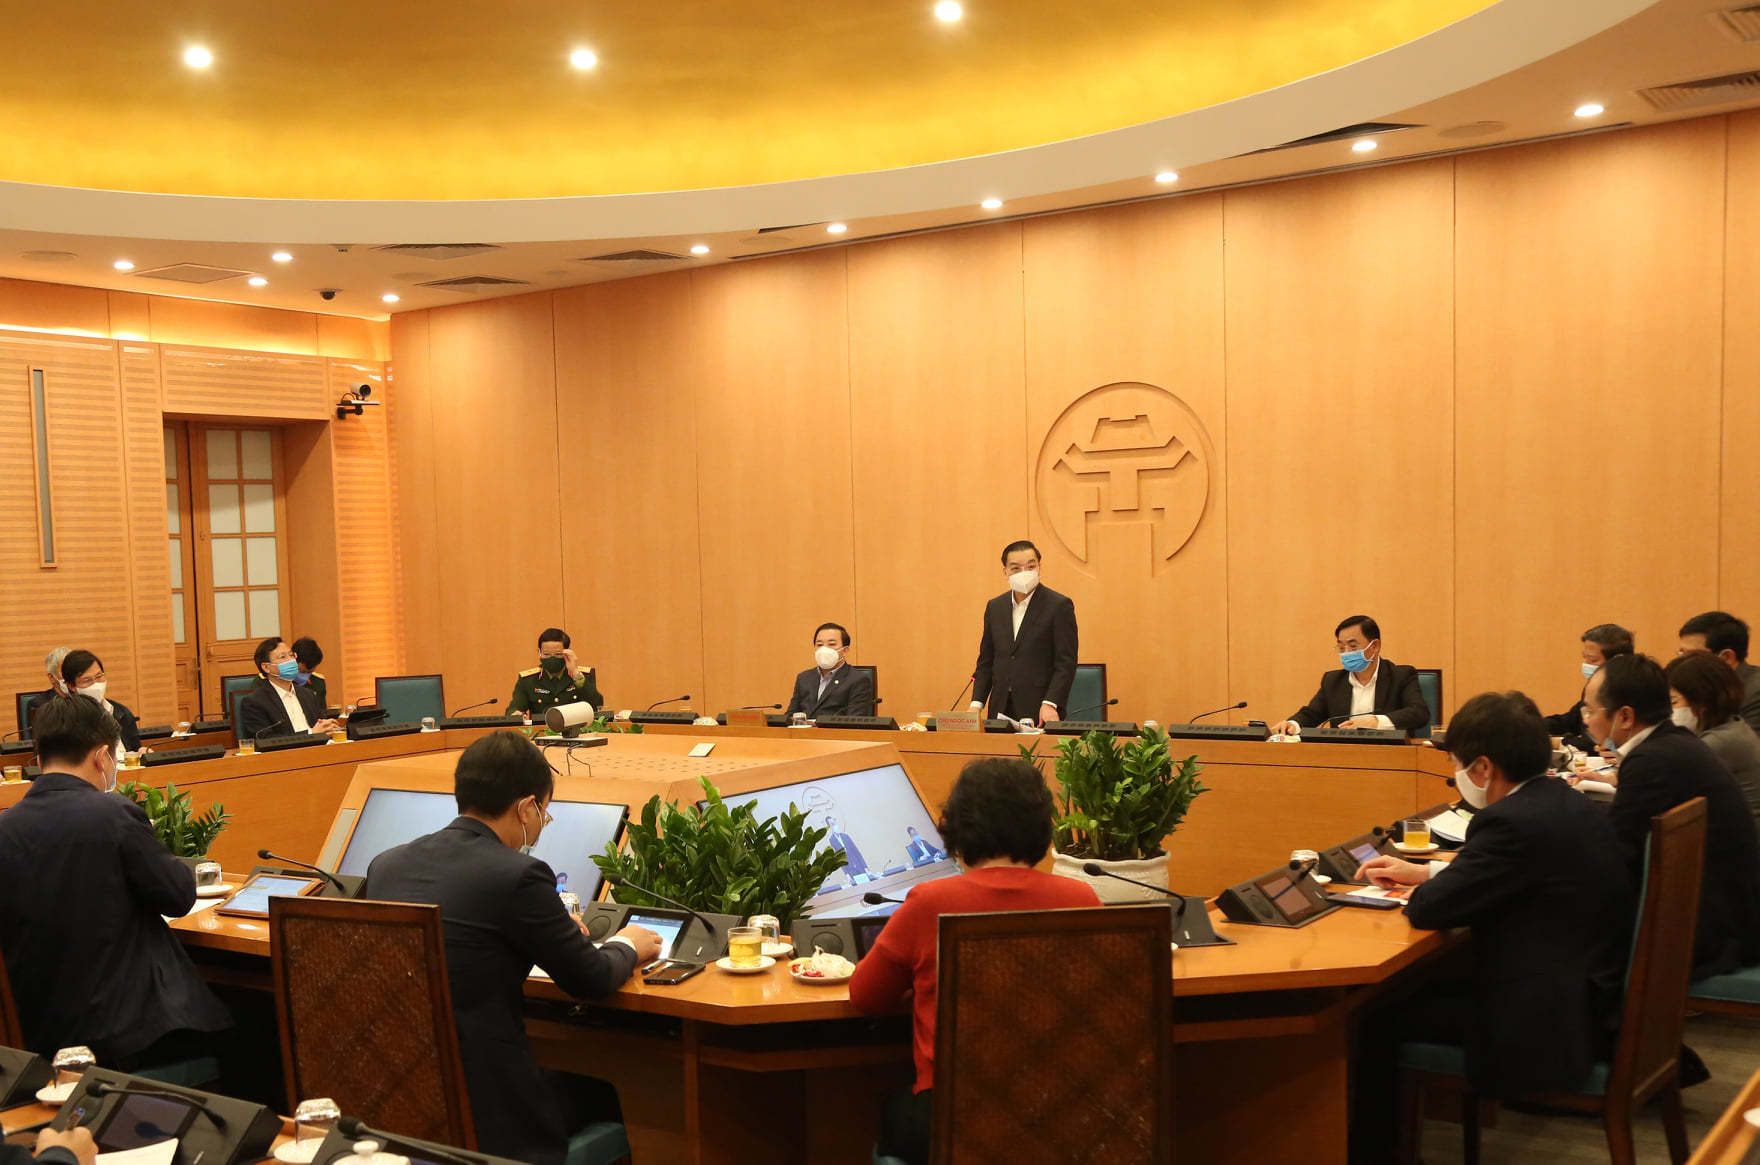 Sau nghỉ Tết, người dân các tỉnh, thành trở lại Hà Nội cần làm gì